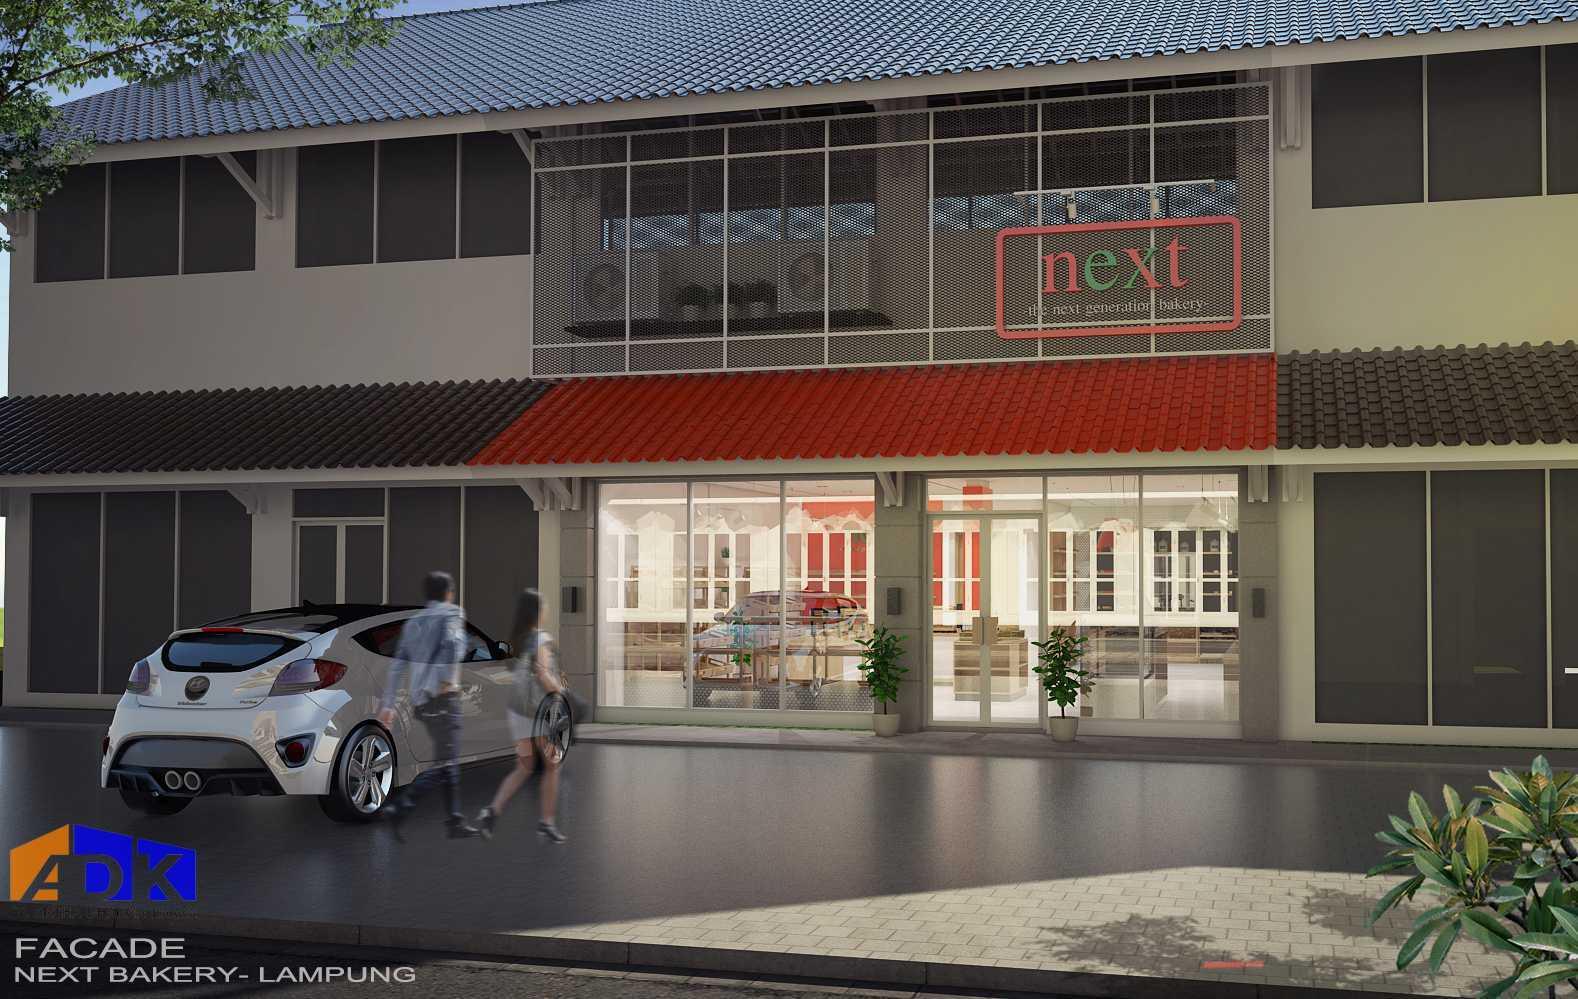 Artha Dharma Karya Design Next Bakery Bandar Lampung, Kota Bandar Lampung, Lampung, Indonesia Bandar Lampung, Kota Bandar Lampung, Lampung, Indonesia Artha-Dharma-Karya-Design-Next-Bakery  77055